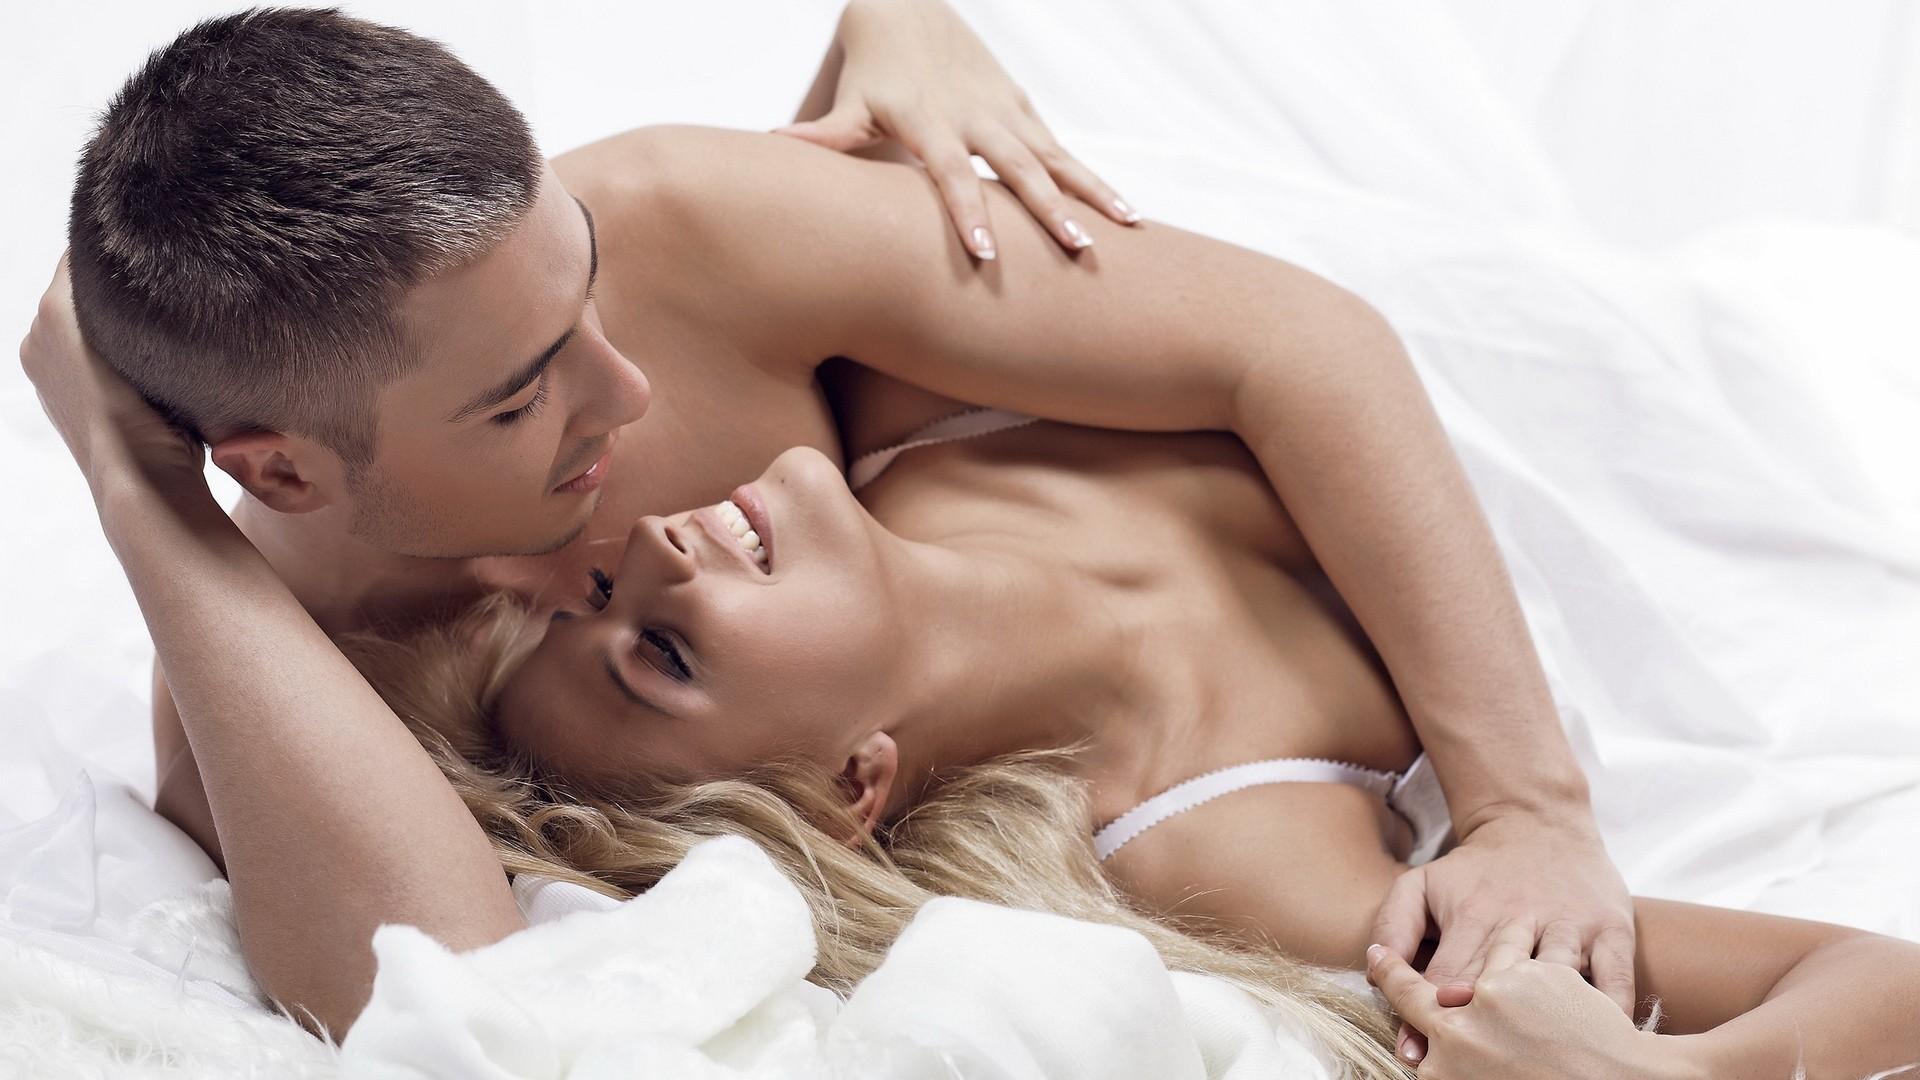 сексуальные отношения фото видео это, андрей